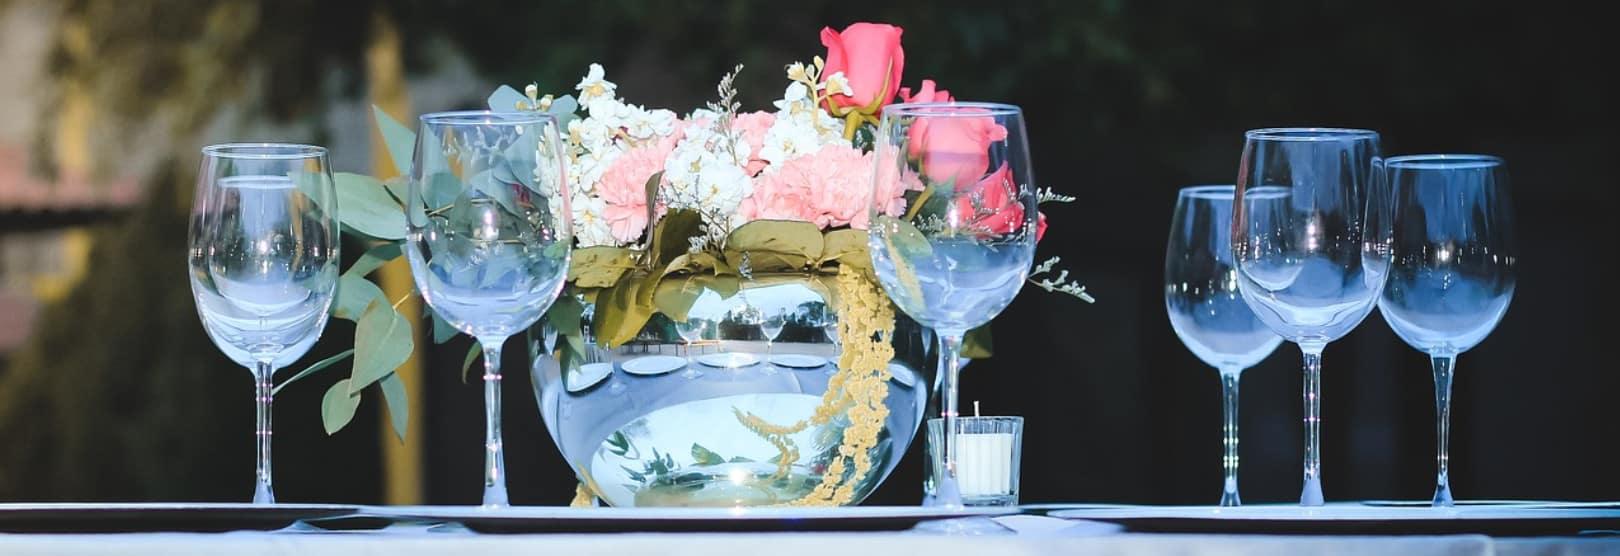 Comparatif pour choisir le meilleur liquide vaisselle écologique